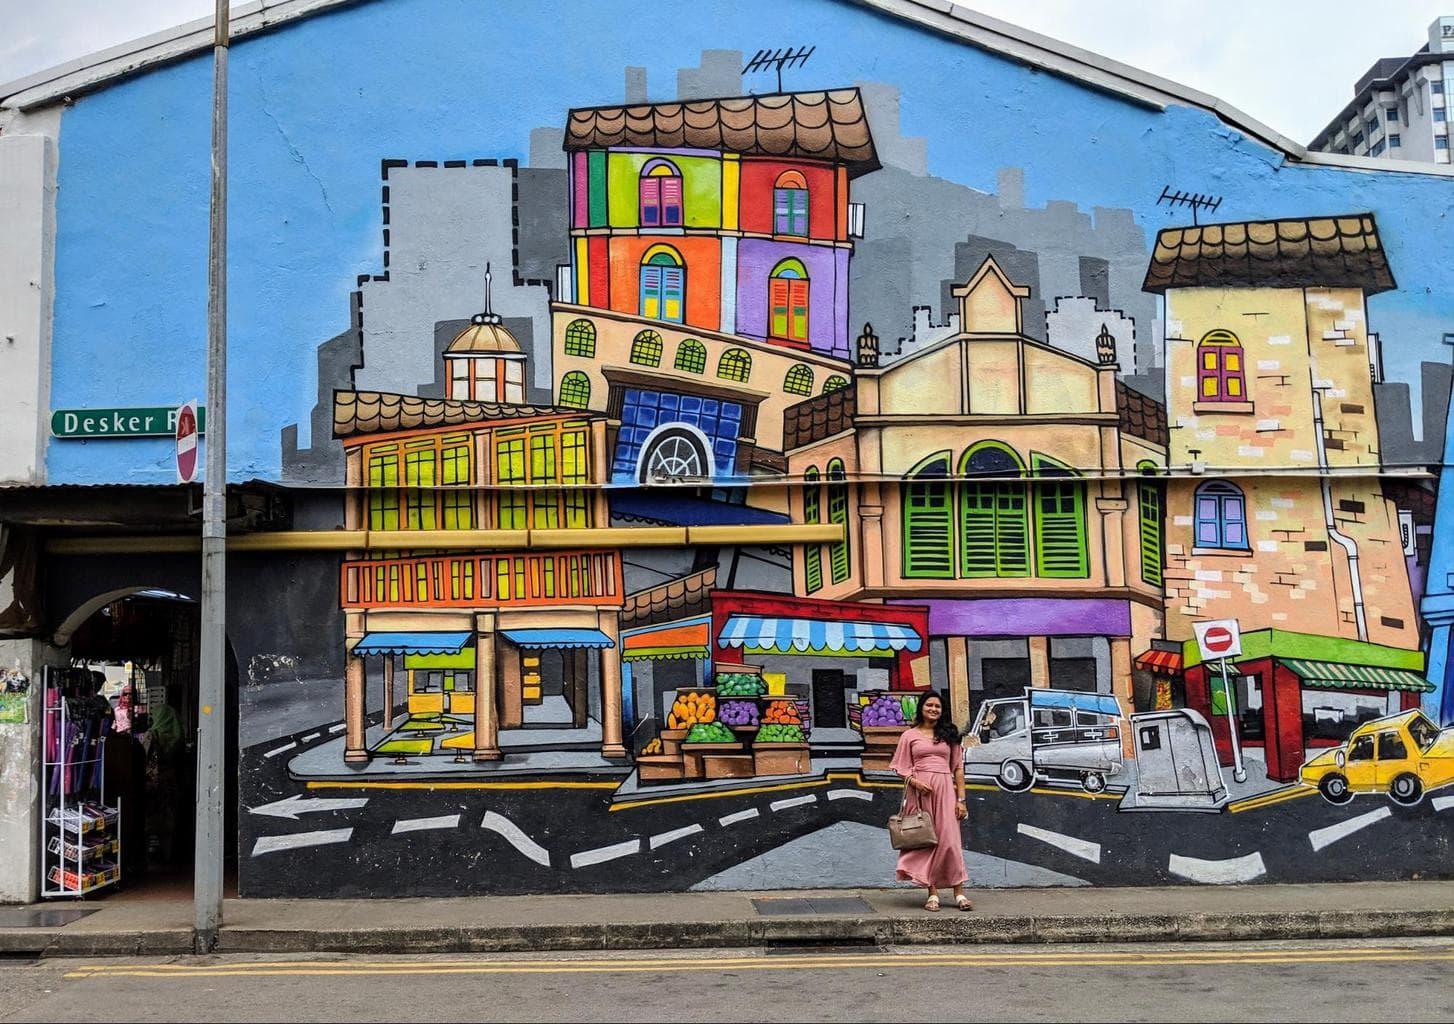 Street art on Little India